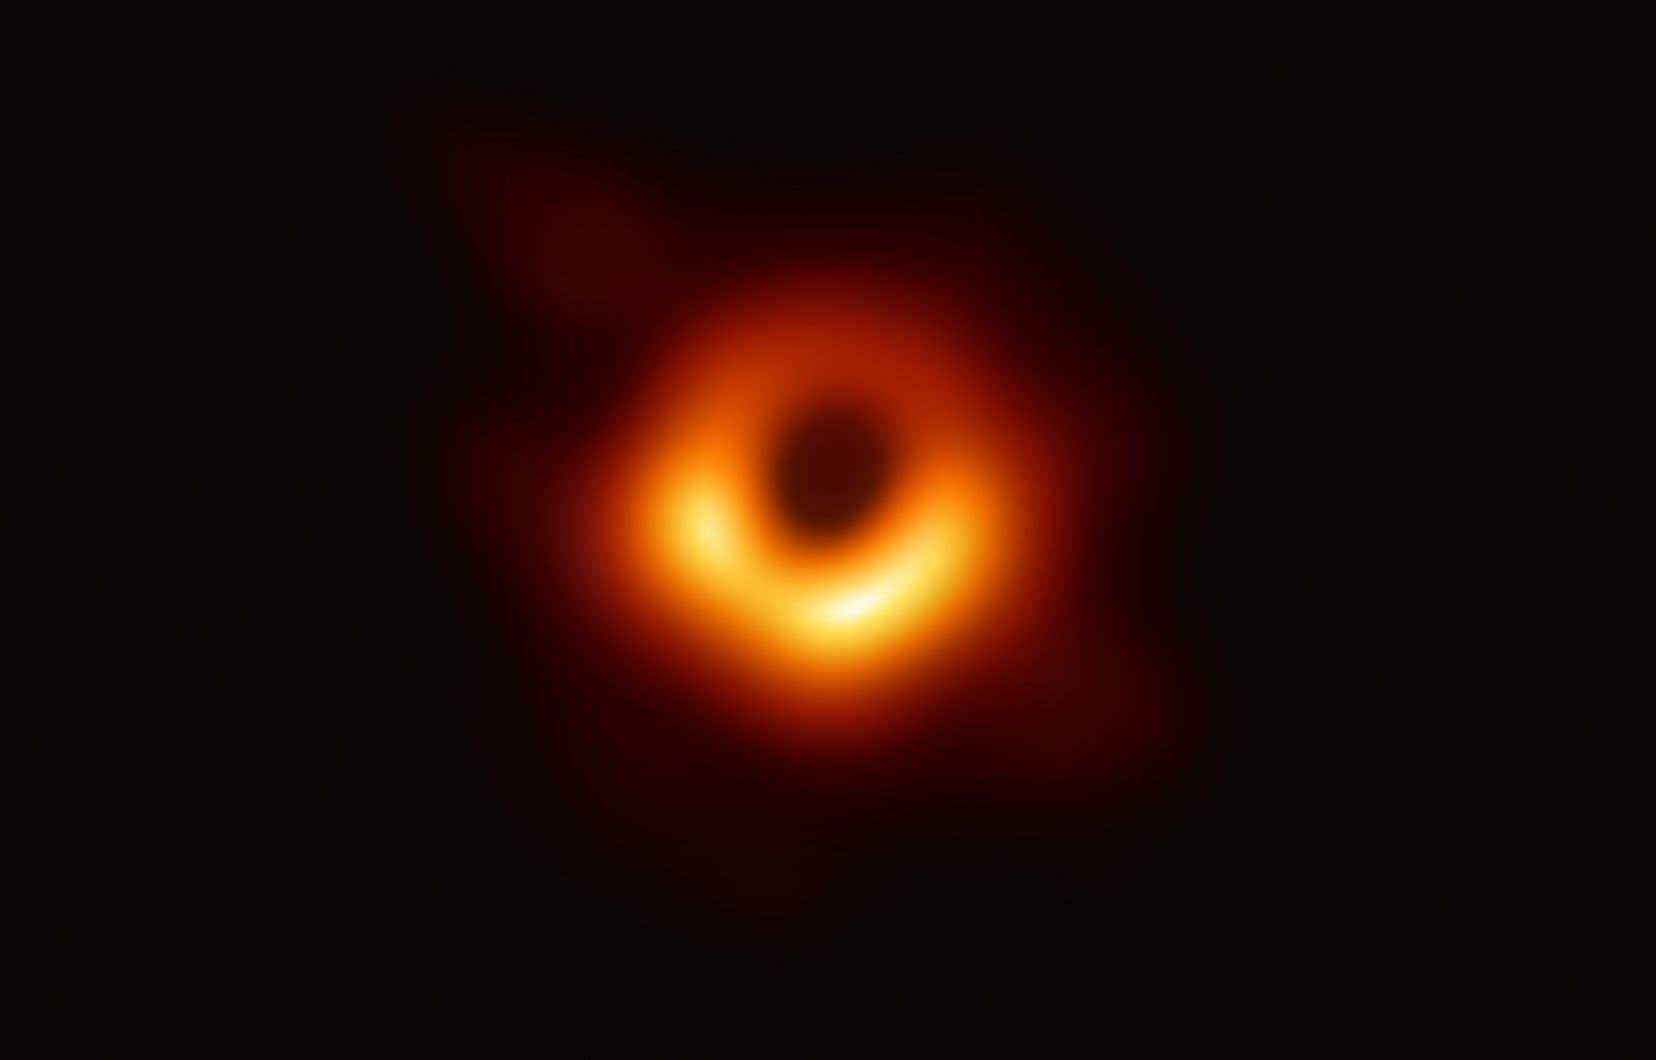 L'image d'un rond sombre sur un disque rouge orangé d'intensité variable a été révélée mercredi par une équipe d'astronomes et de scientifiques.